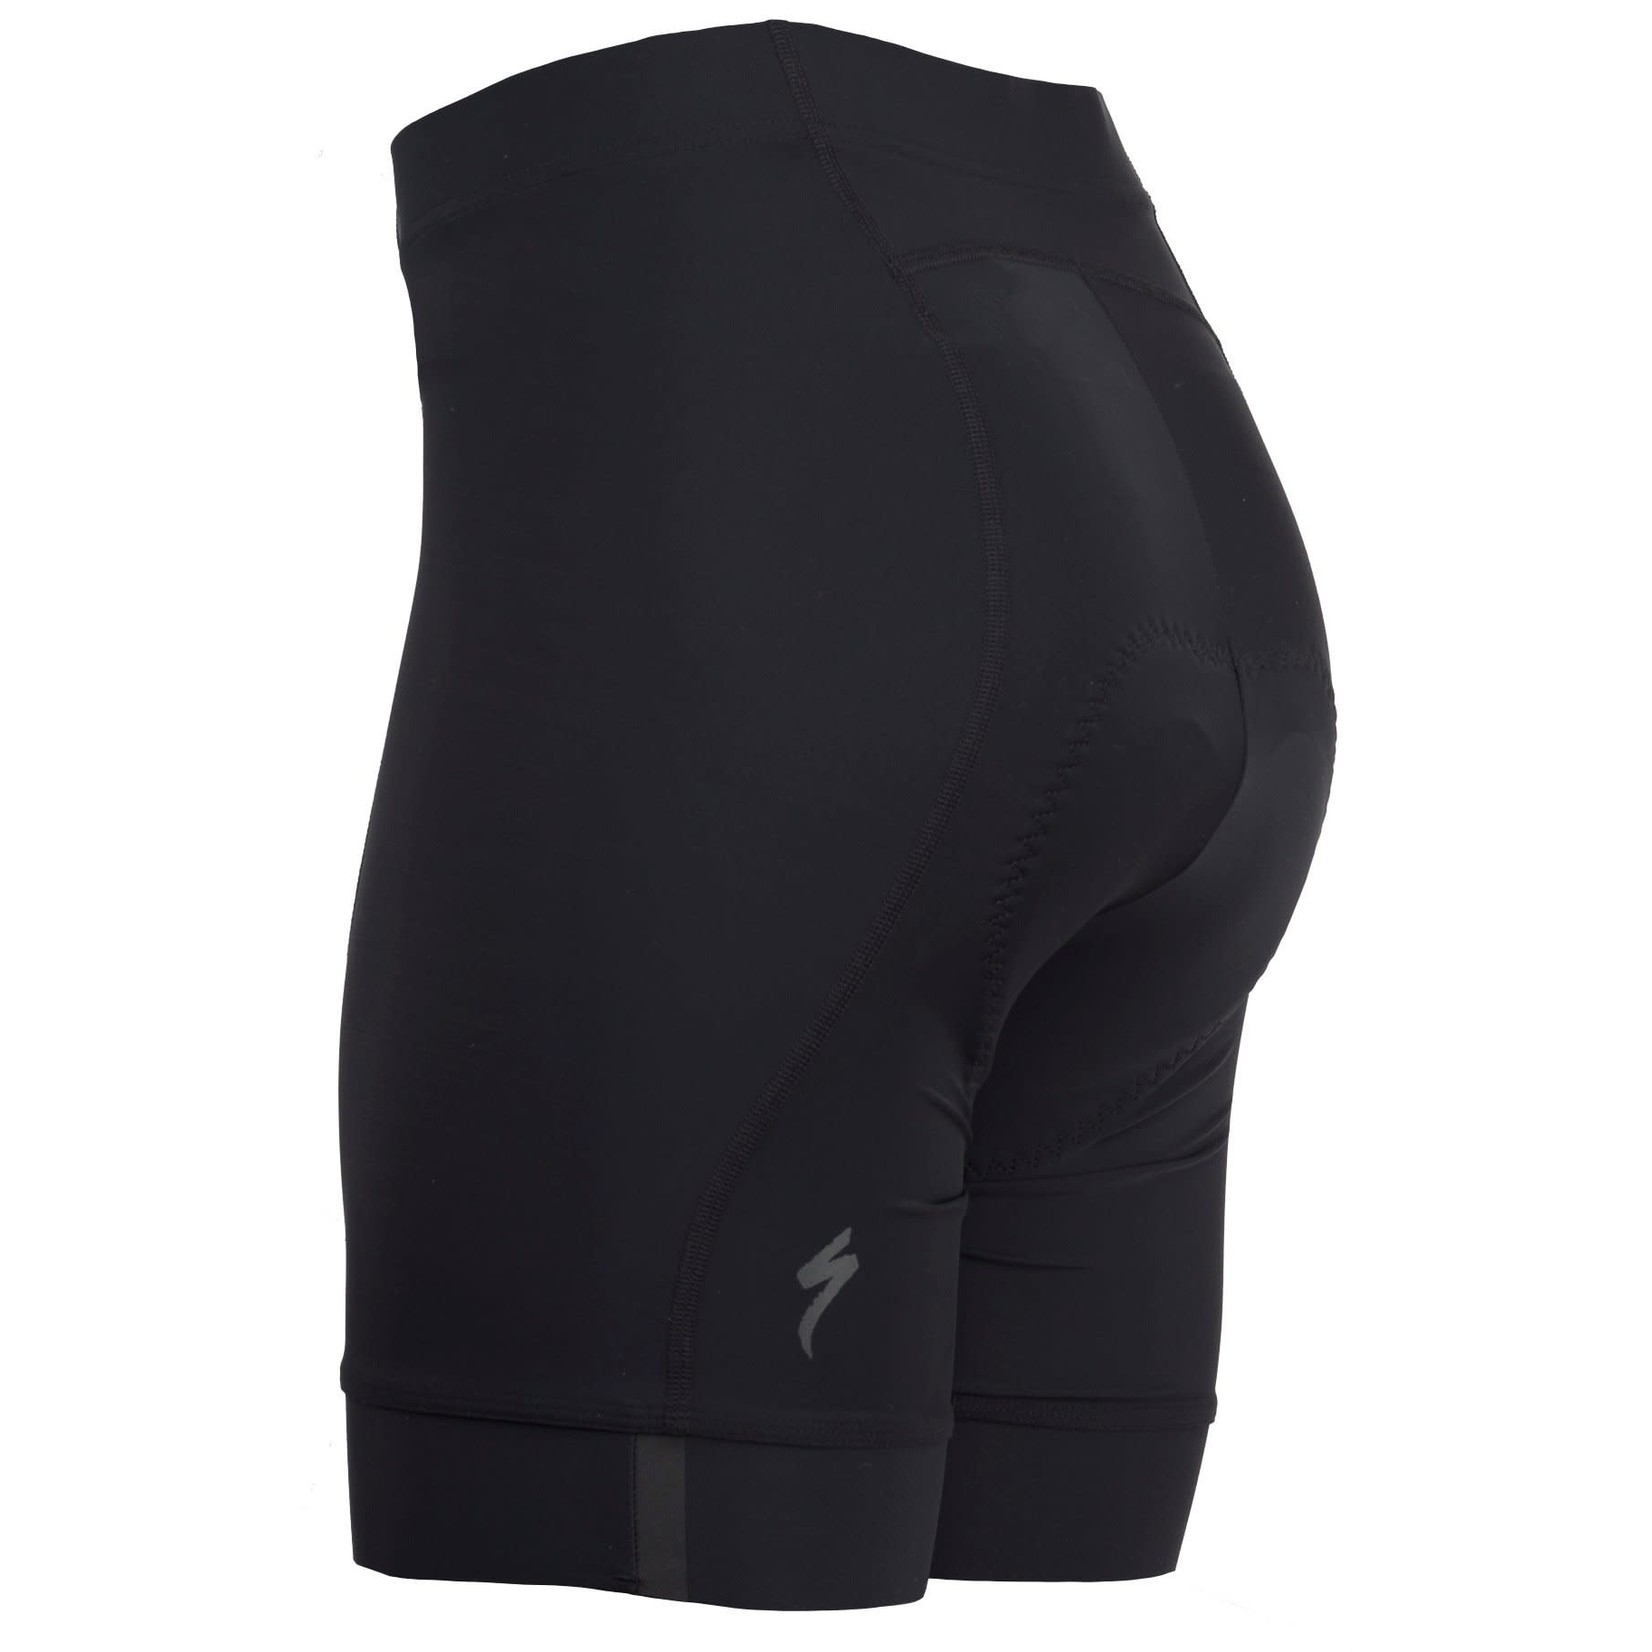 Specialized RBX WMNS Short Black XXL